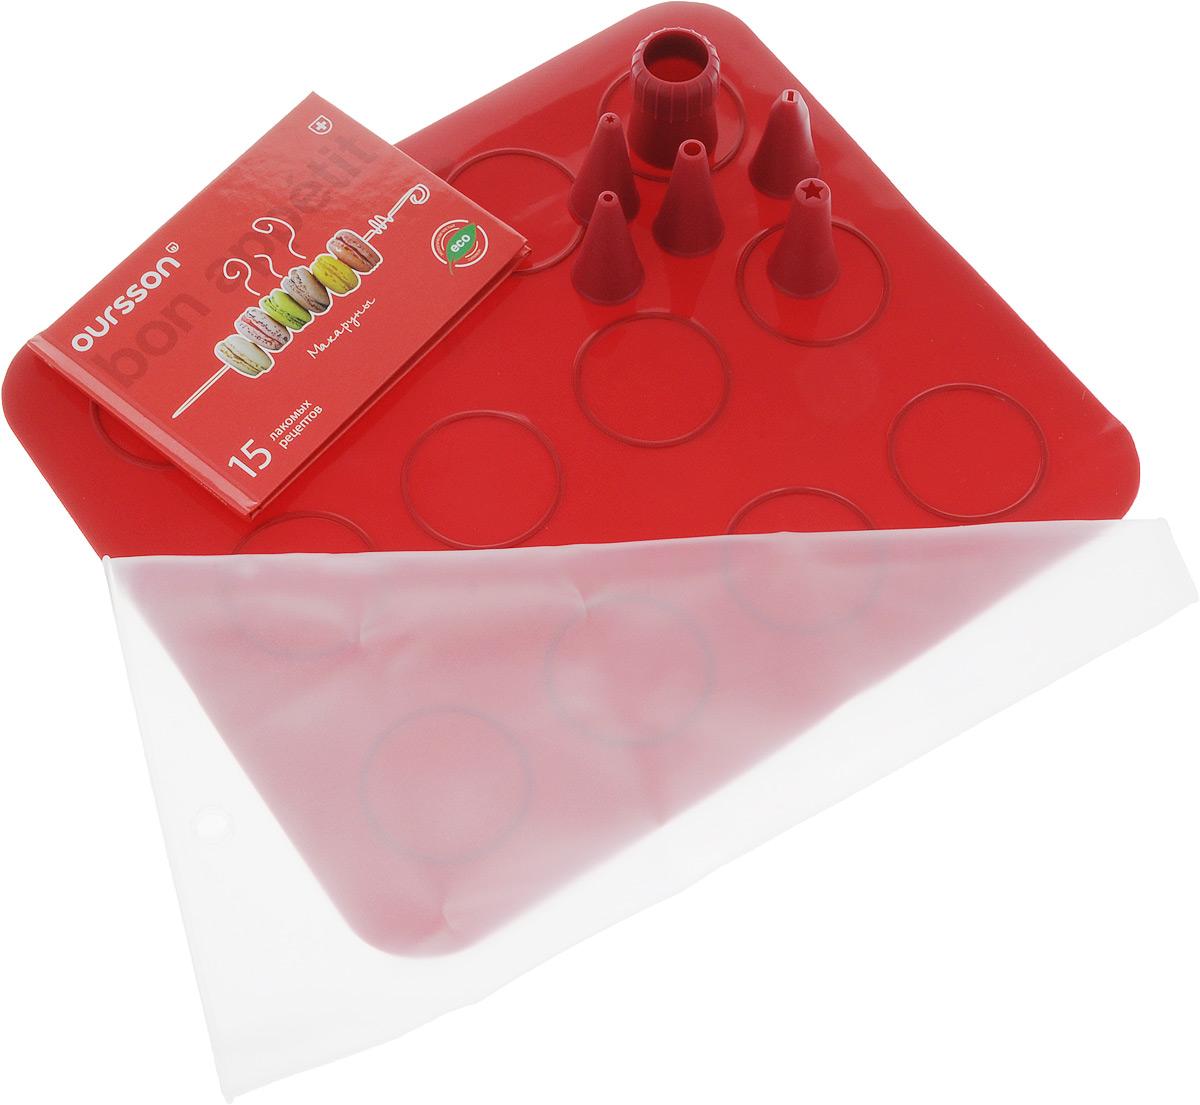 Набор для выпечки макарун Oursson, цвет: красный, 8 предметовBW3150SS/MCНабор для выпечки Oursson состоит из силиконового коврика для 12 мини-пирожных, кондитерского мешочка, 5 насадок. А также в комплект входит книга с рецептами как приготовить 15 разных Макарун. Коврик изготовлен из высококачественного силикона,выдерживающего температуру от -20°C до +220°C.Если вы любите побаловать своих домашних вкусным и ароматным угощением по вашему оригинальному рецепту, то формы Oursson как раз то, что вам нужно! Можно использовать в духовом шкафу и микроволновой печи.Подходит для морозильной камеры и мытья в посудомоечной машине.